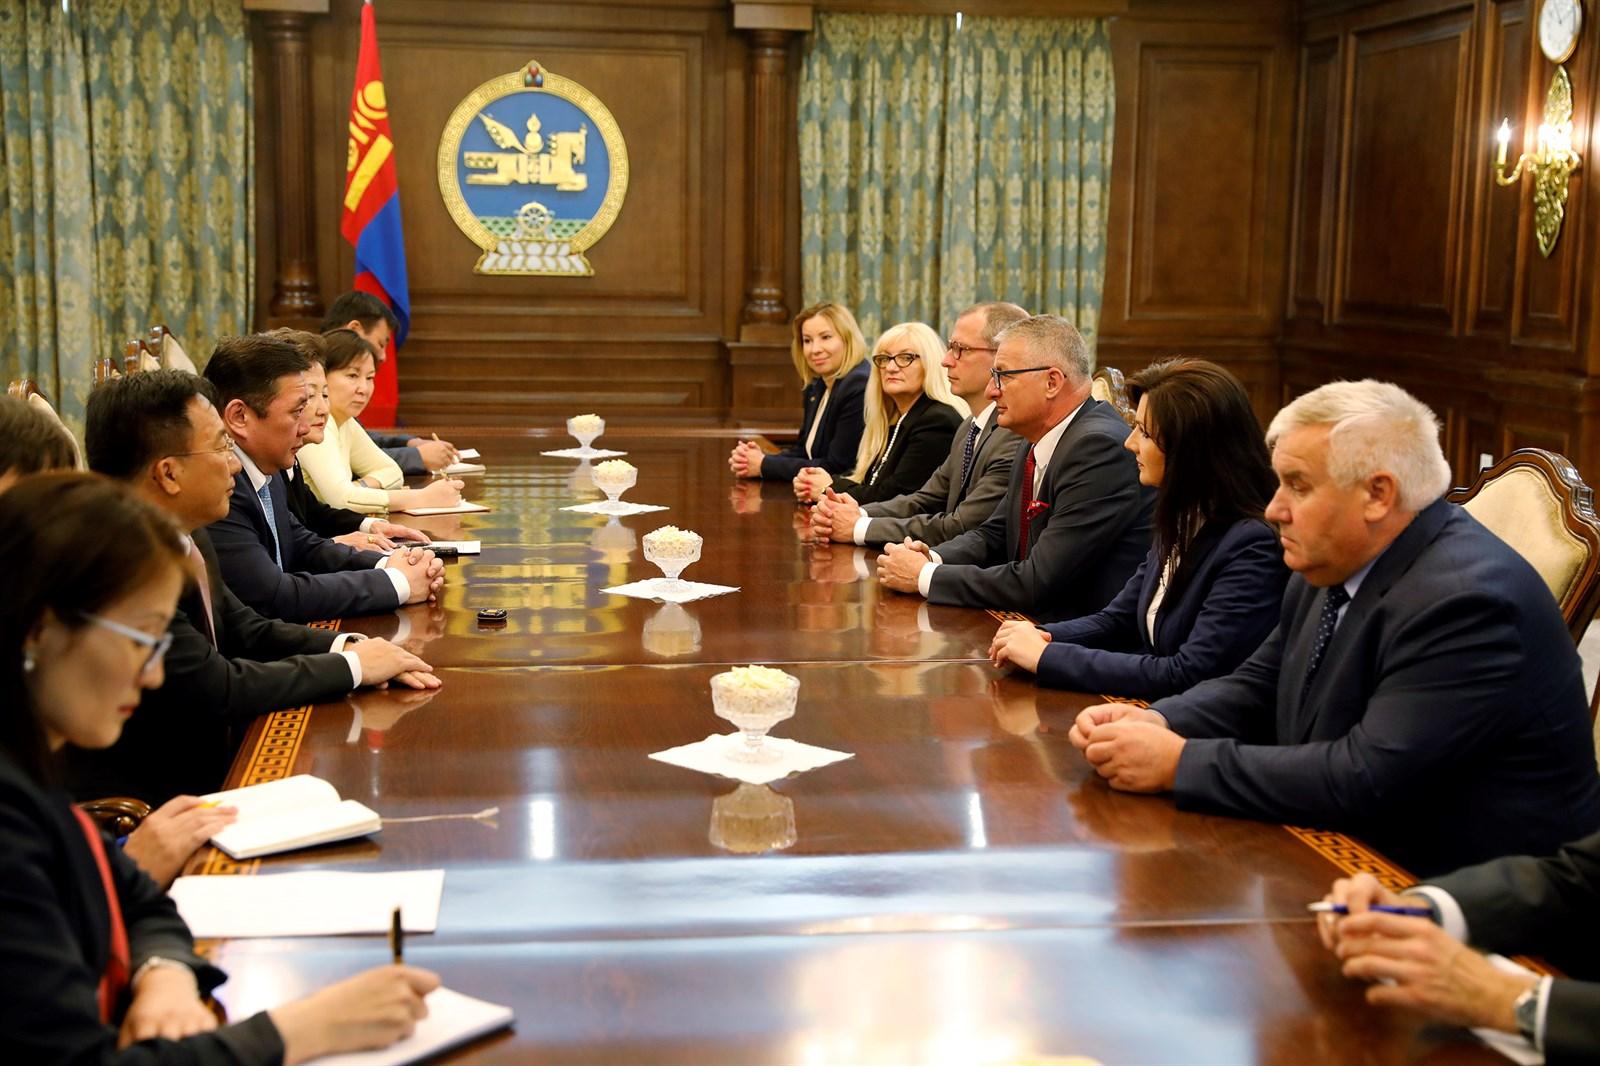 Польшийн Сеймийн төлөөлөгчдийг хүлээн авч уулзлаа